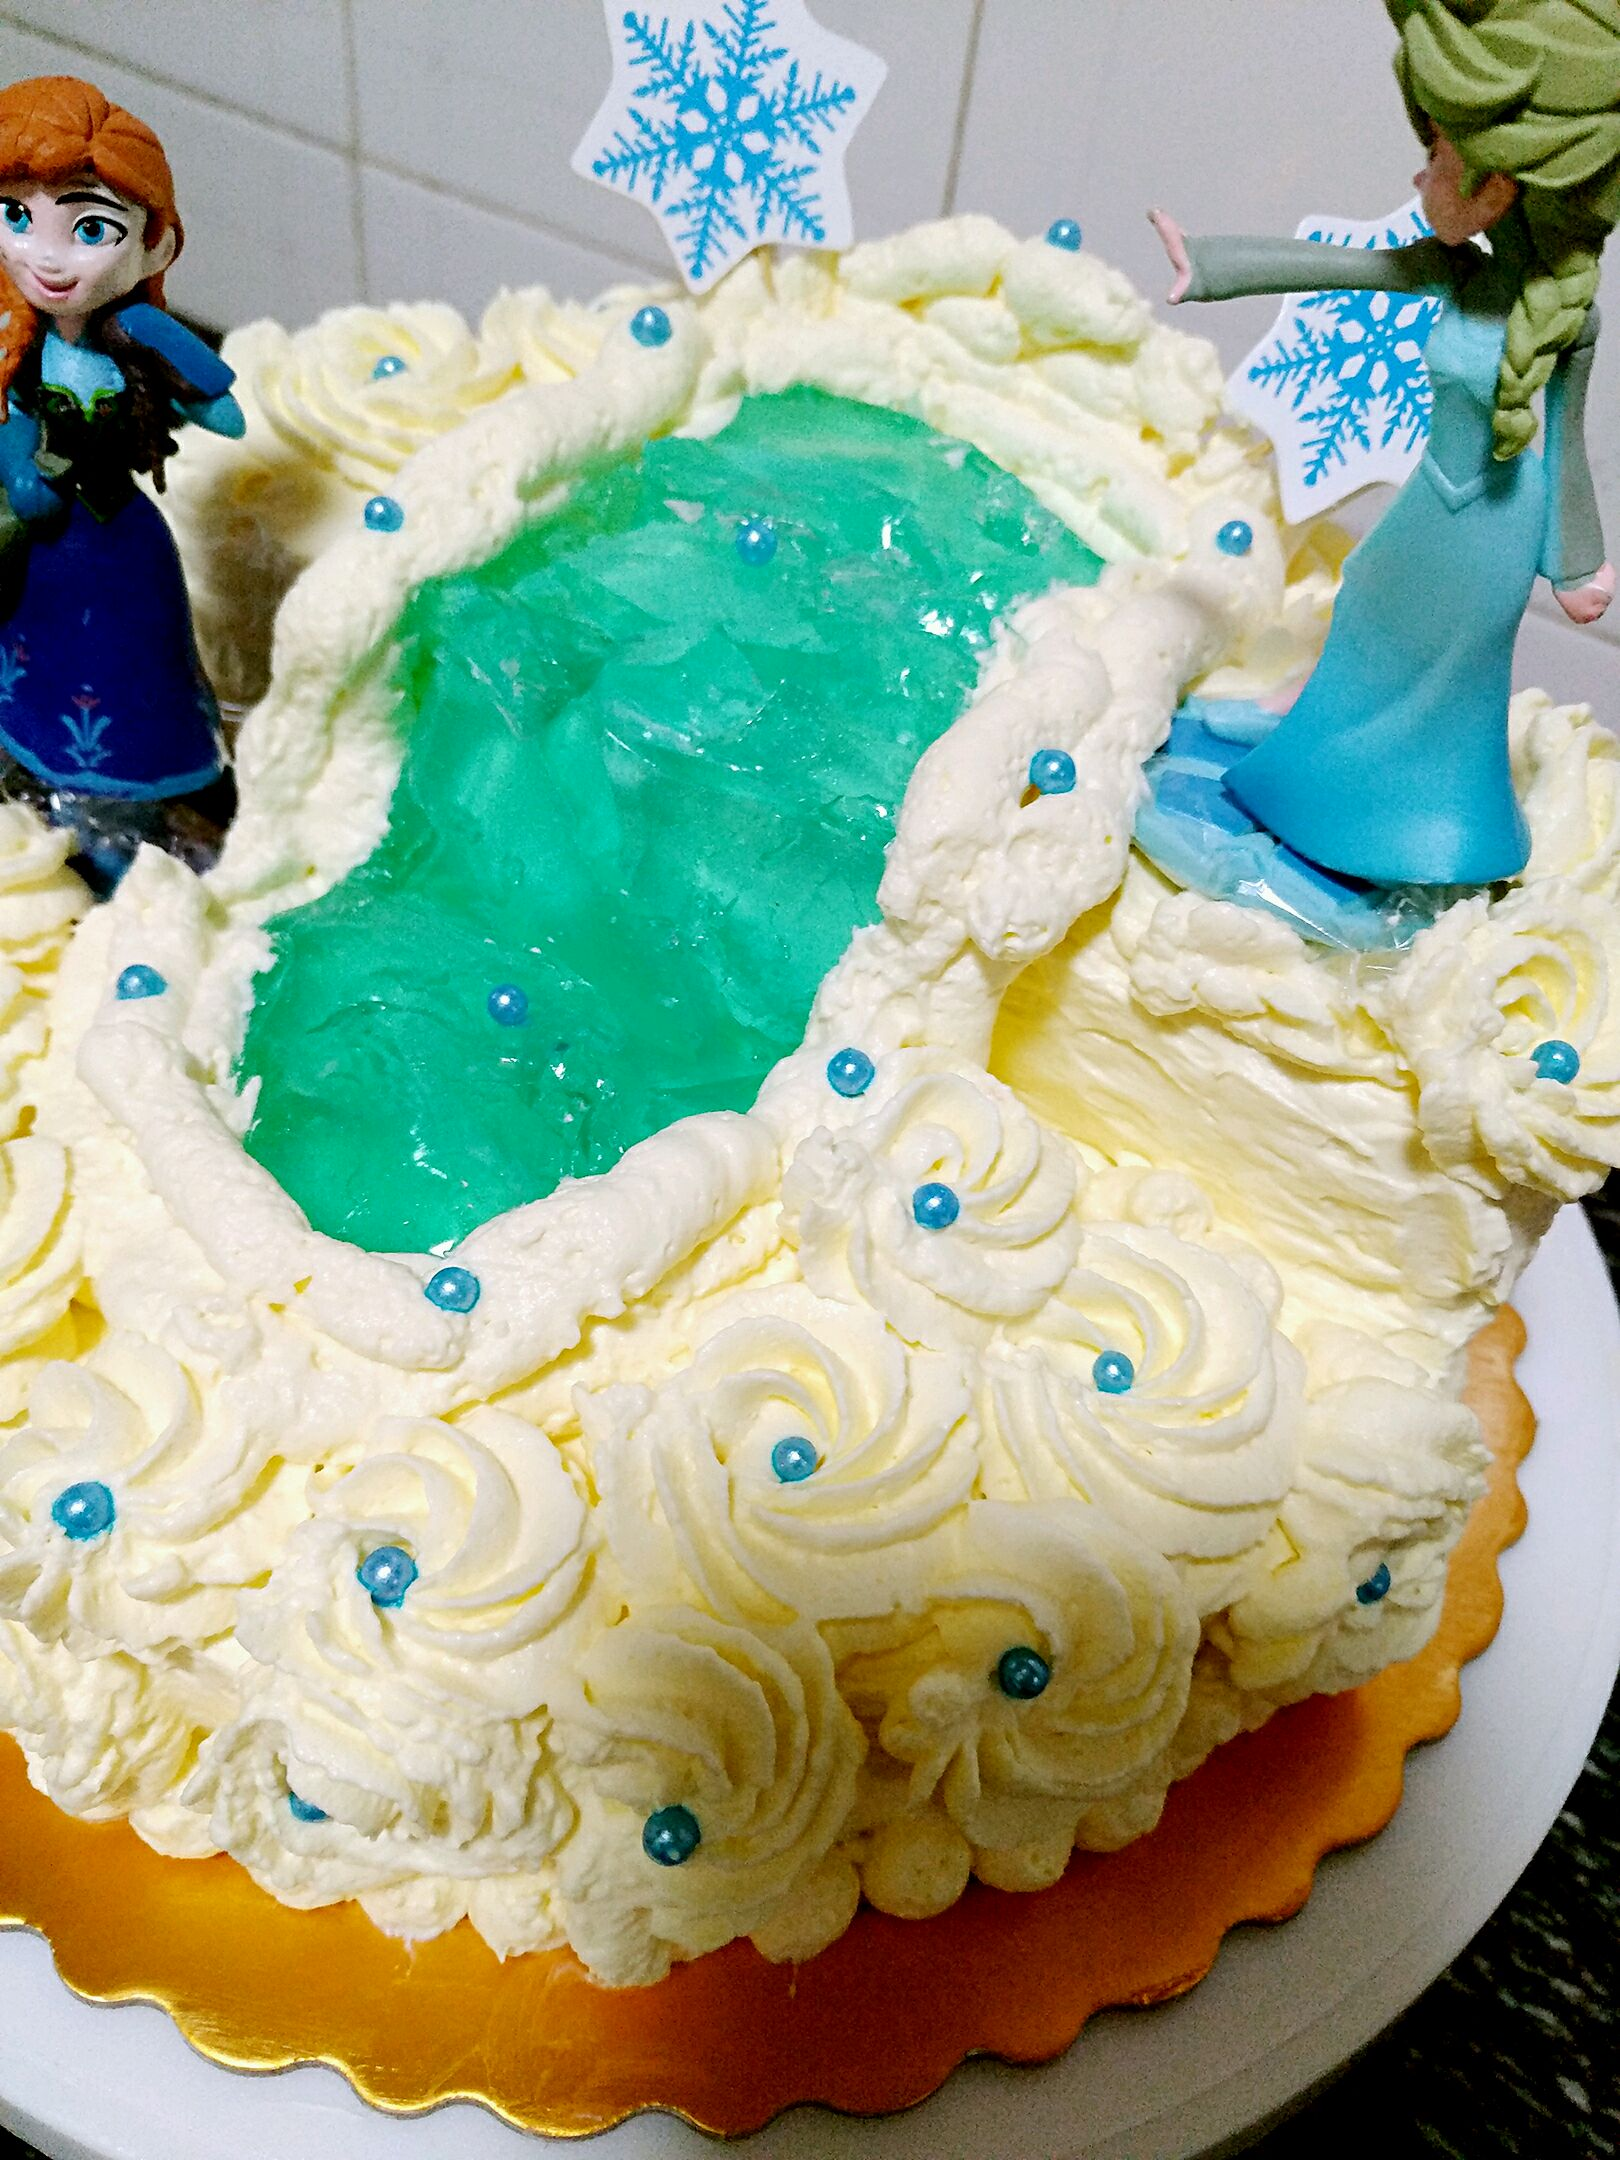 冰雪奇缘主题蛋糕